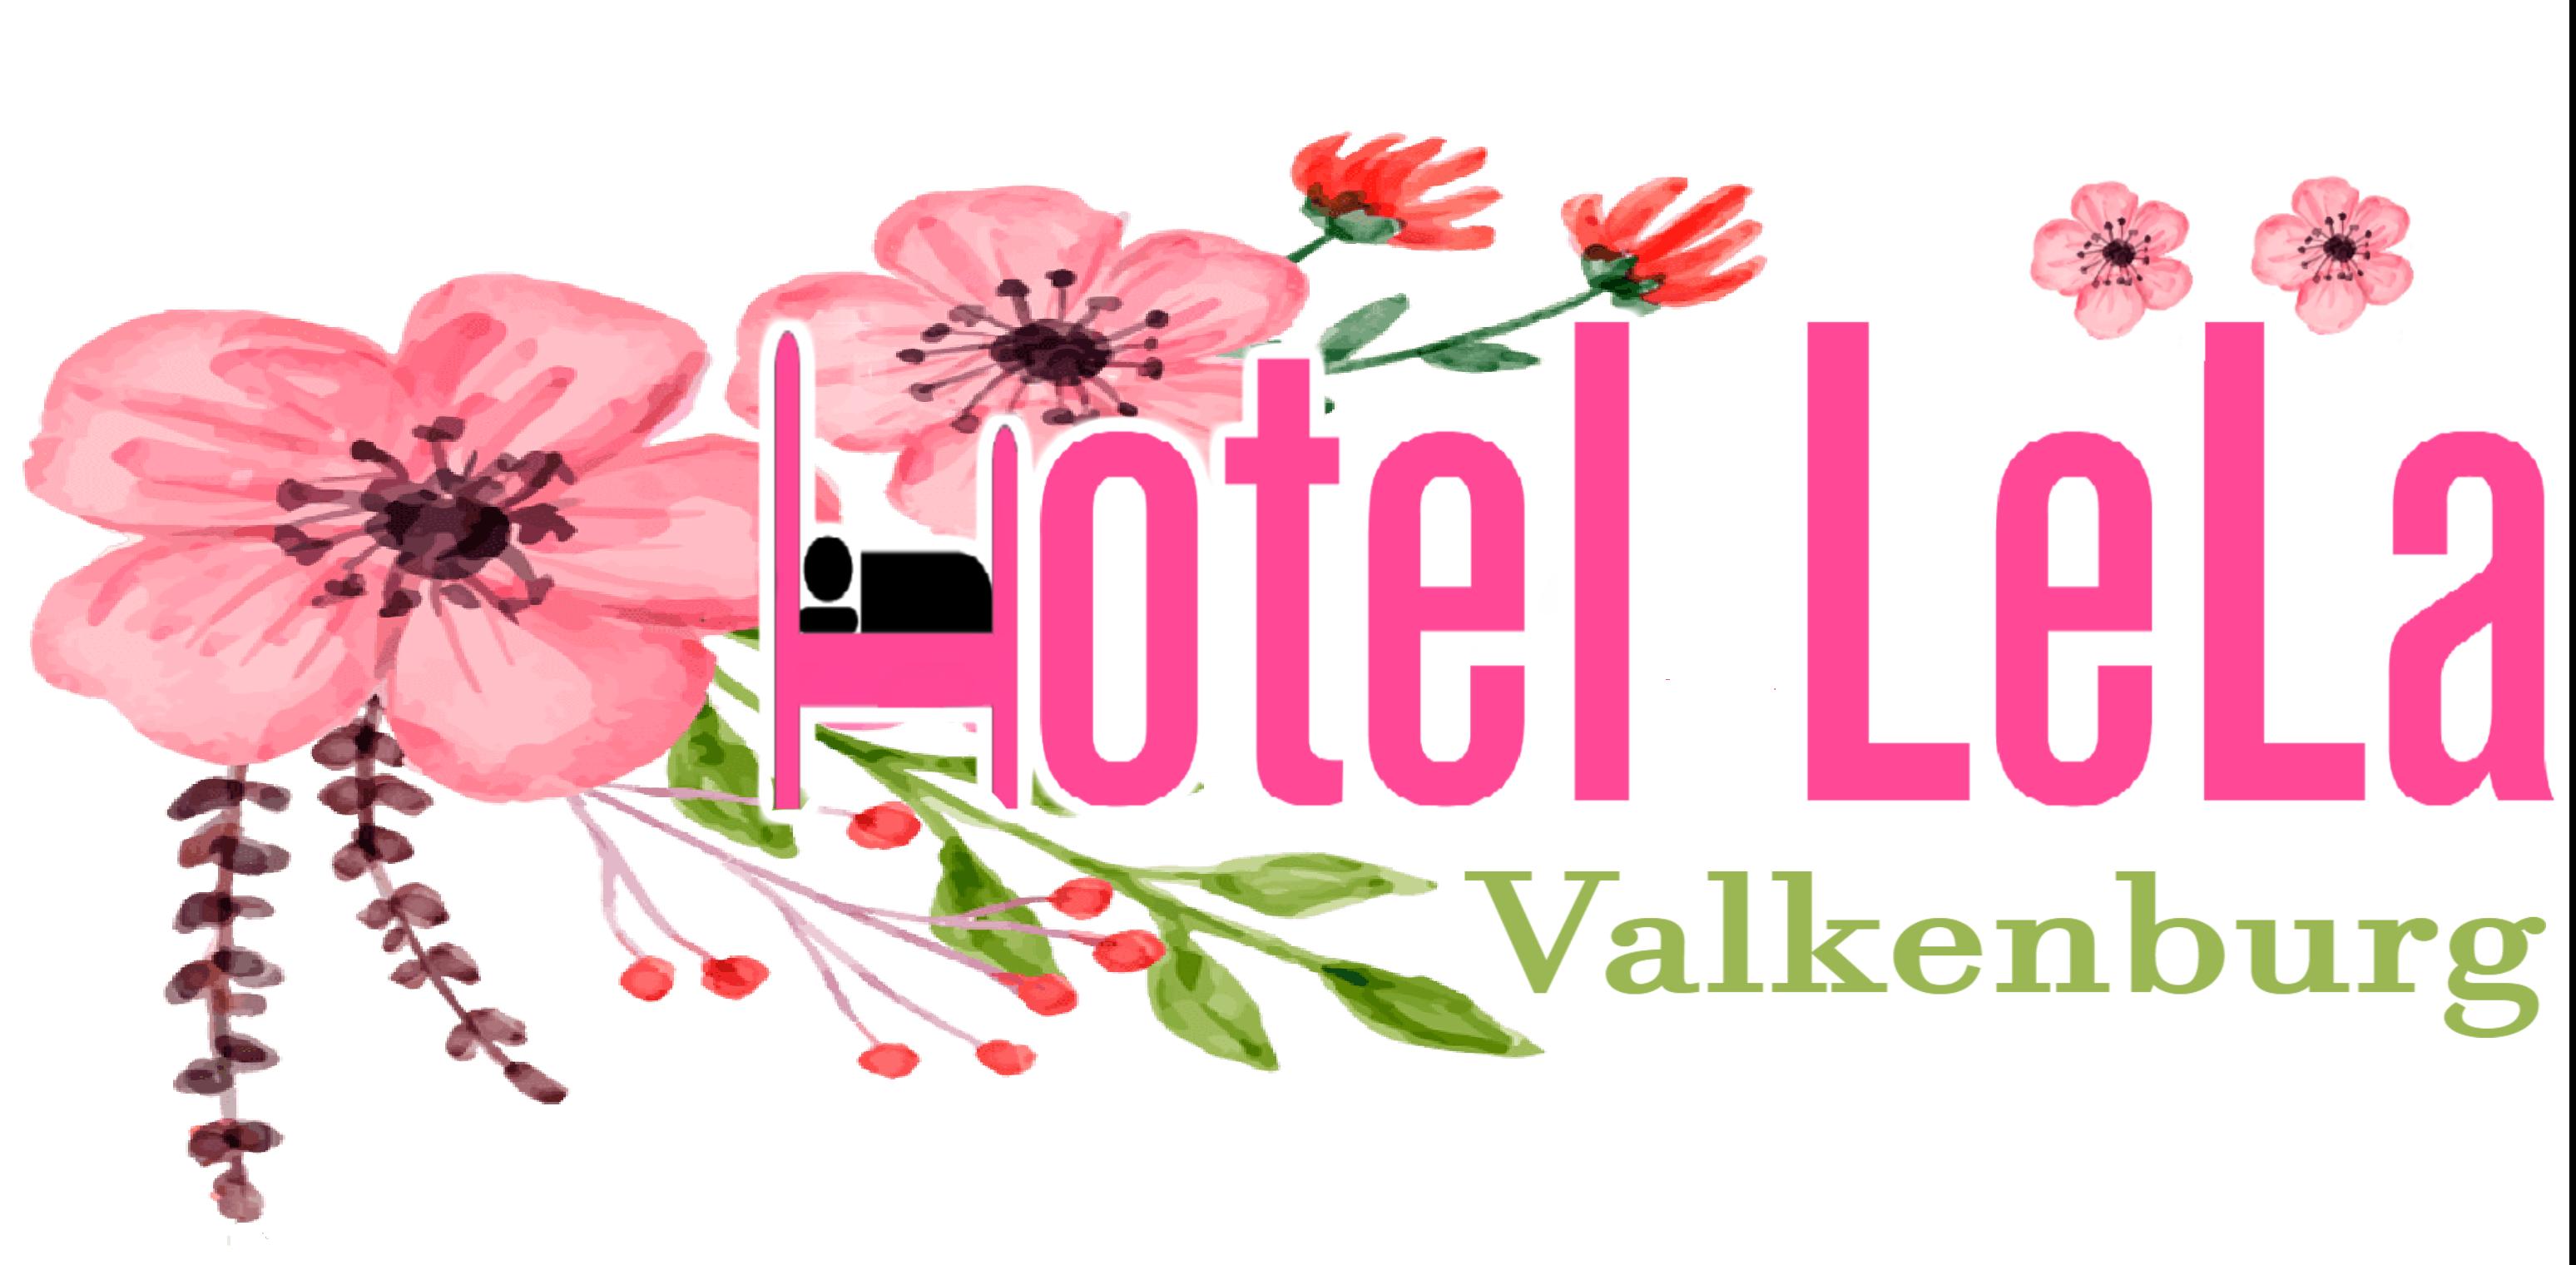 hotellela